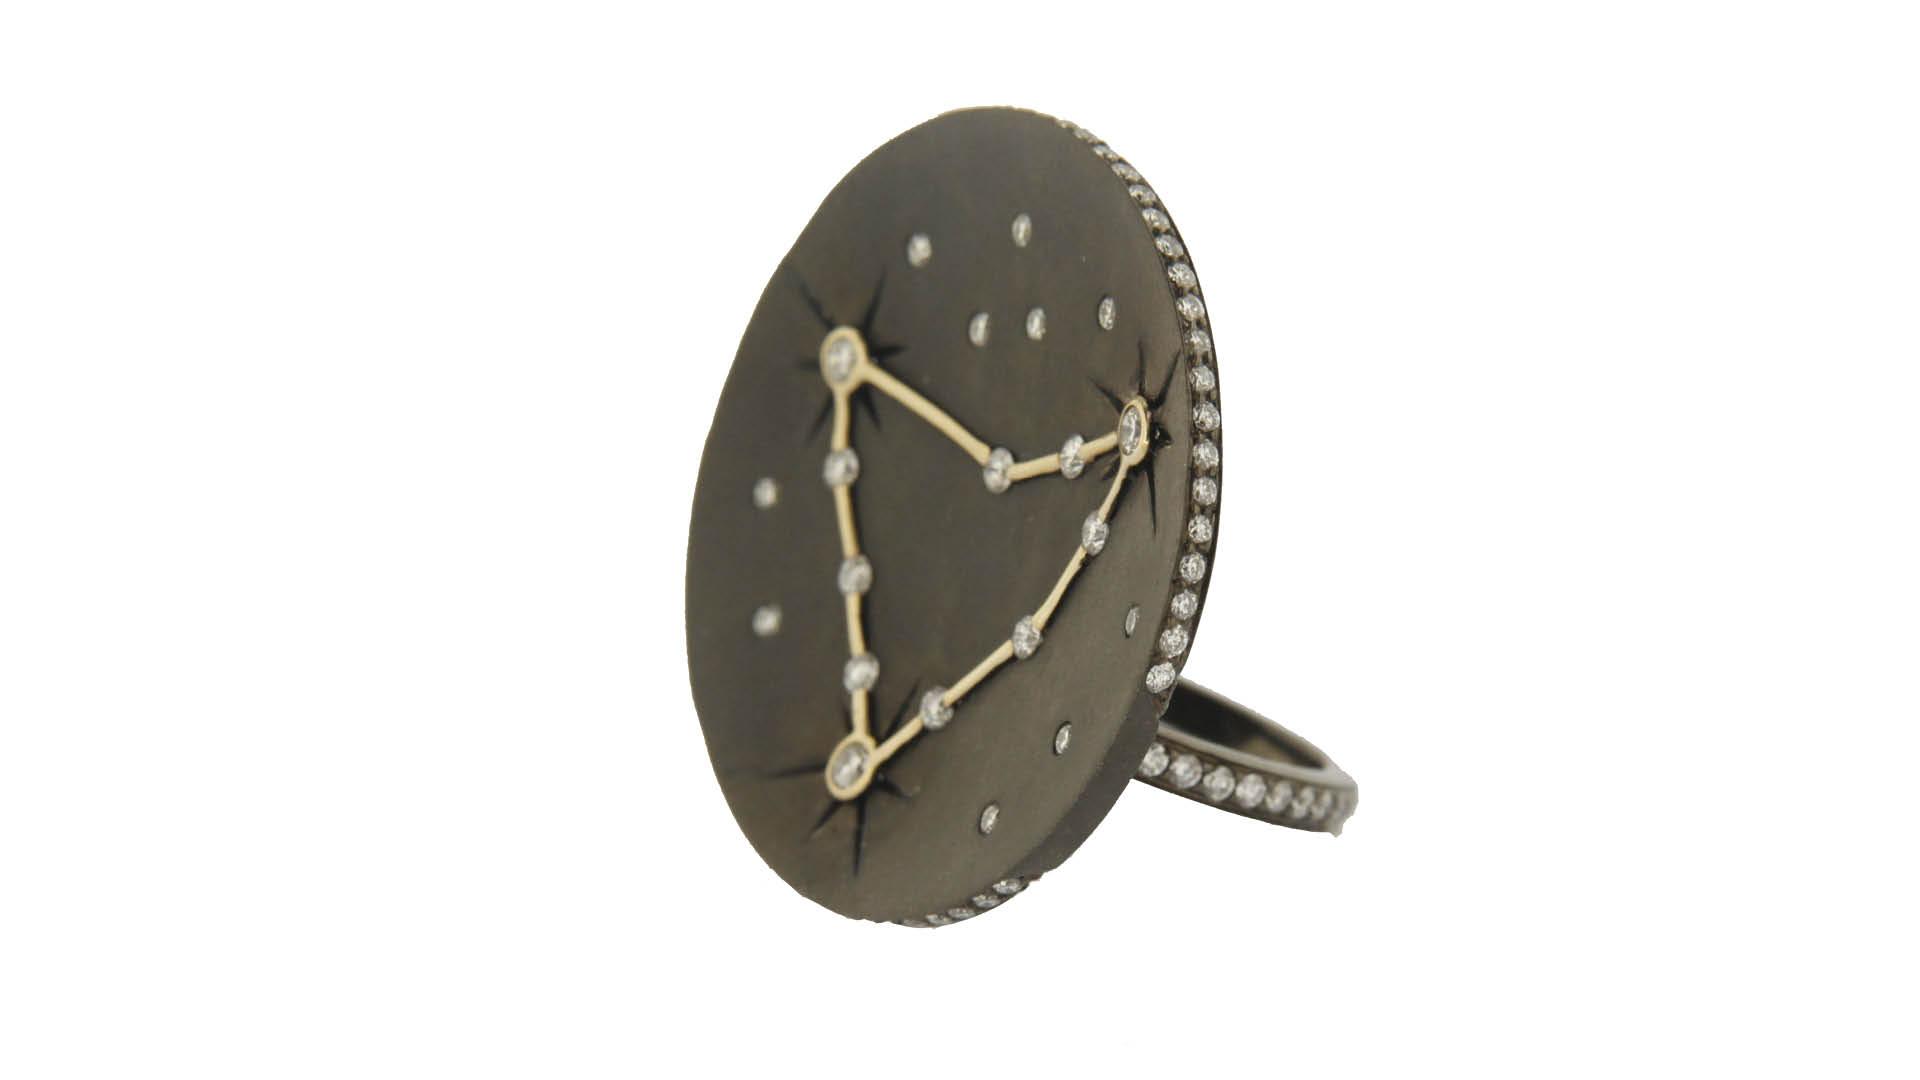 Payal-Round-Capricorn-Ring-Moda-Operandi